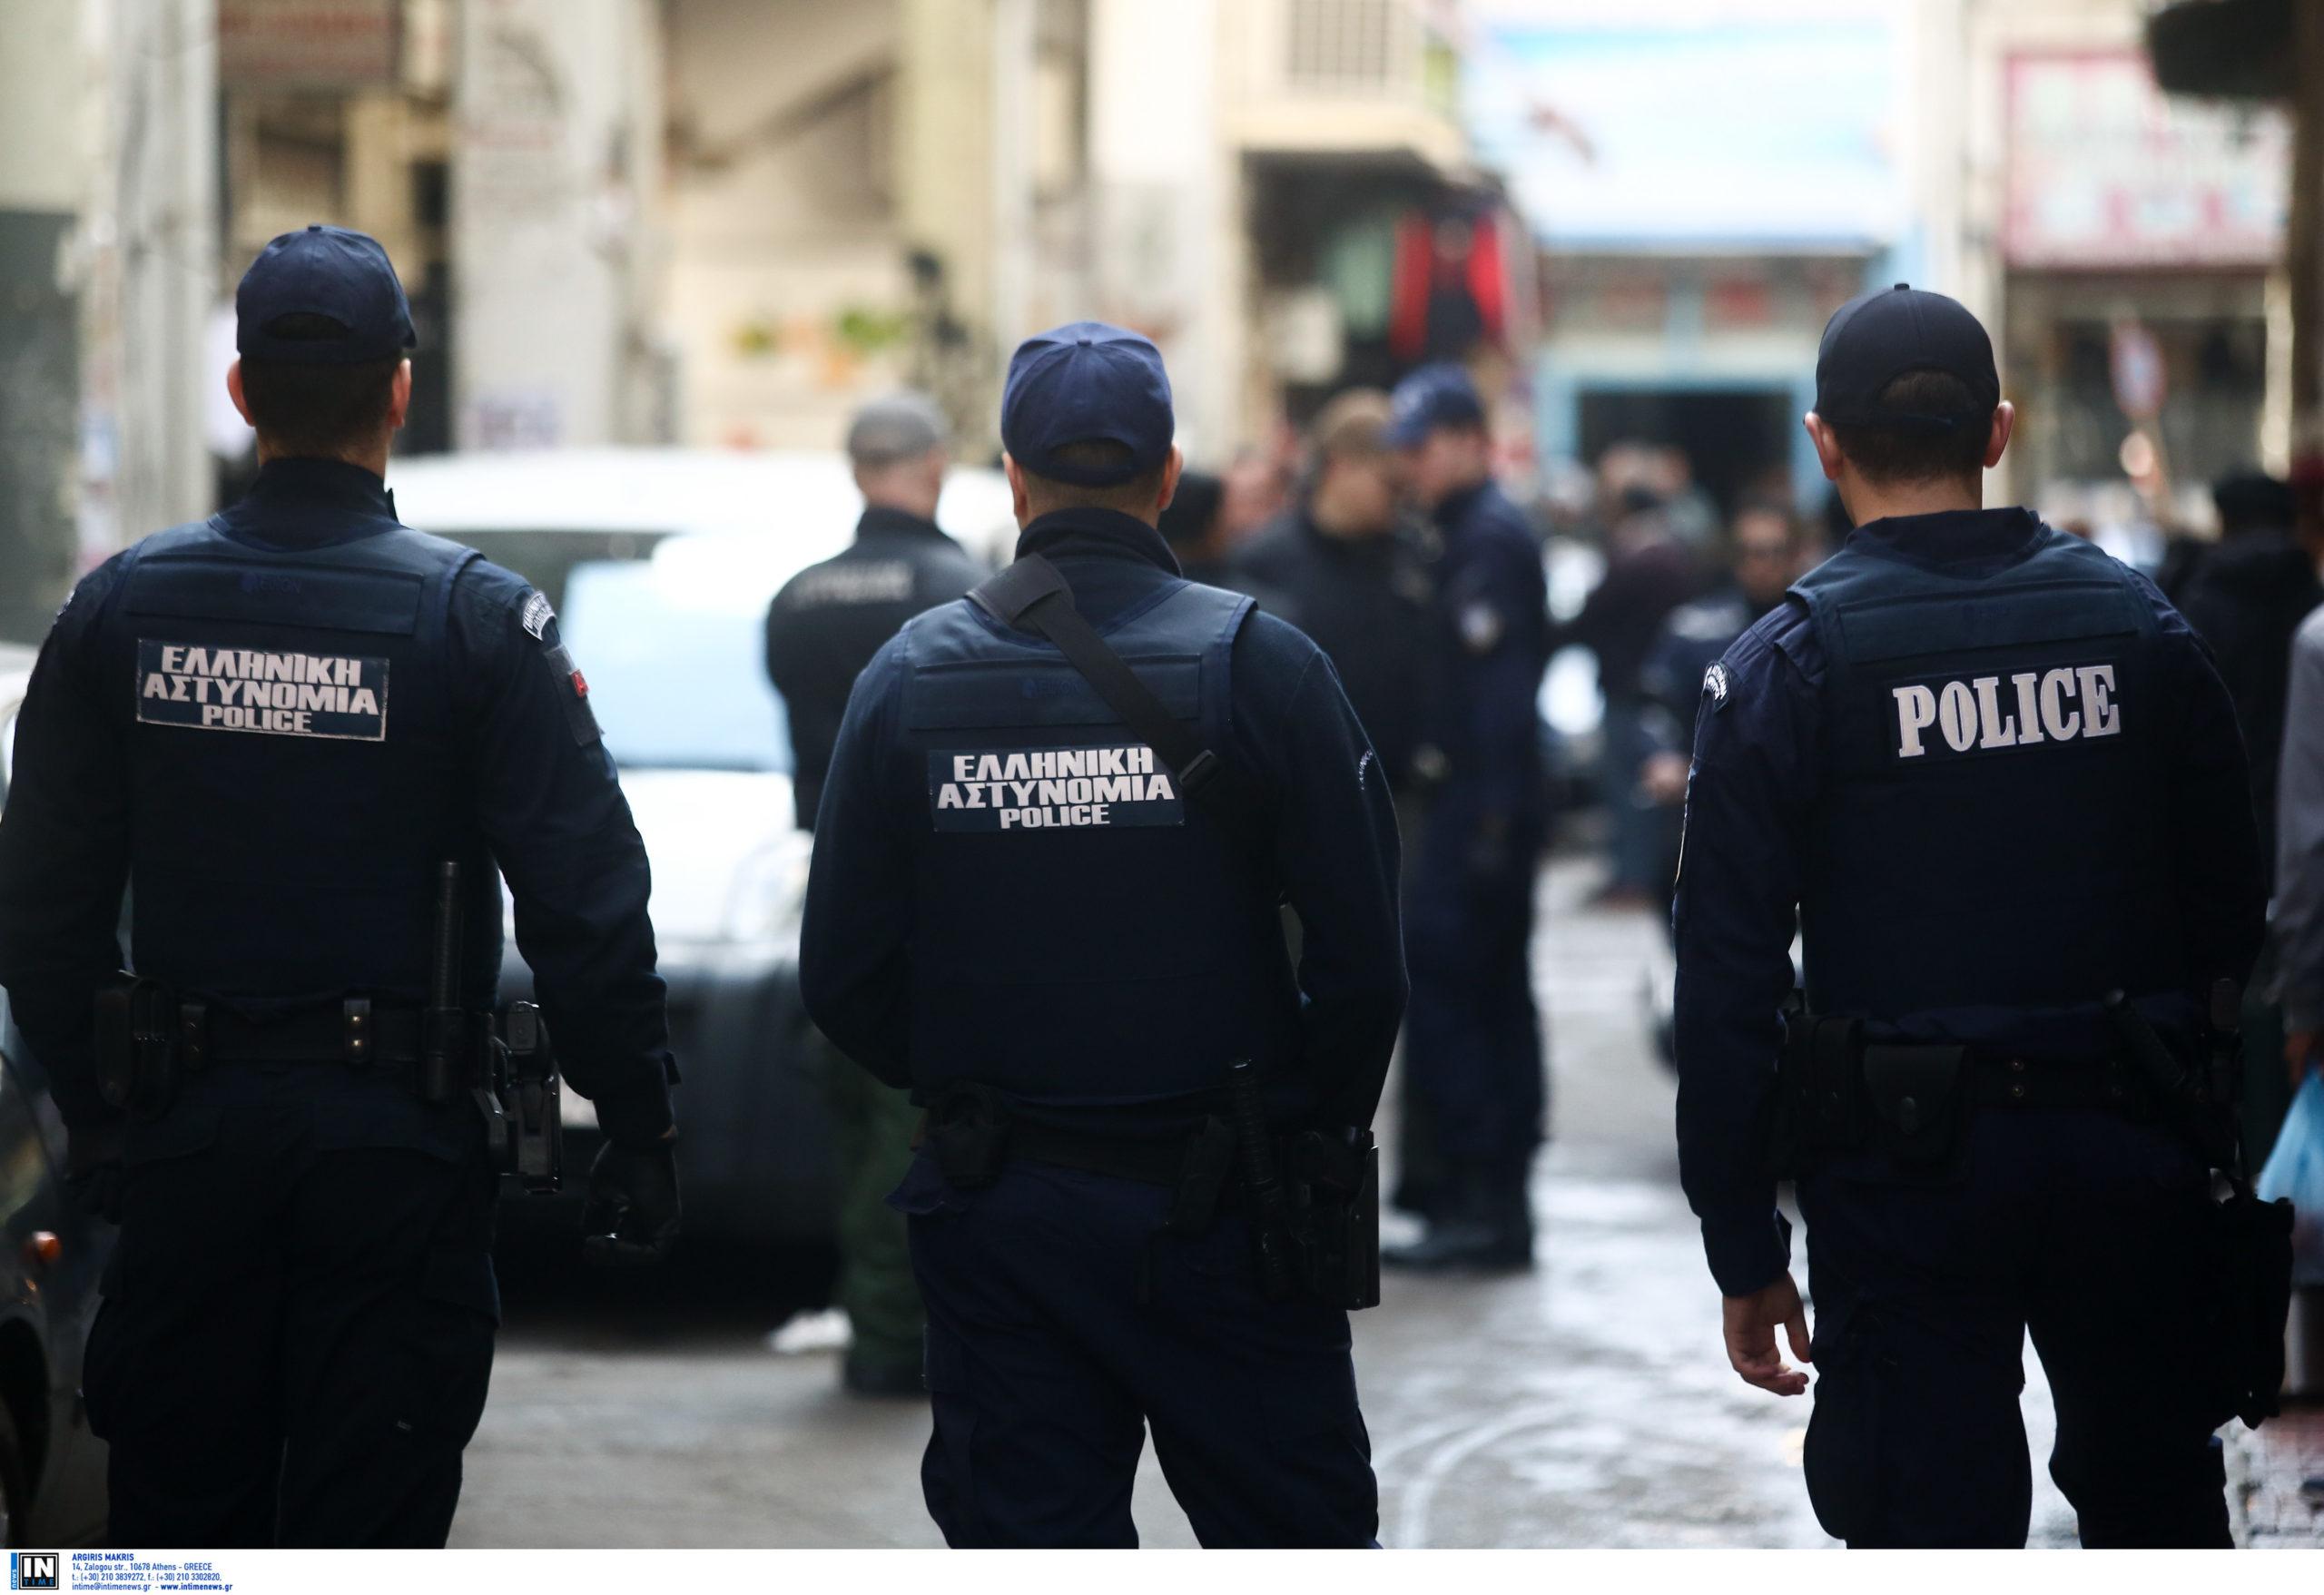 Κοροναϊός: Ο Χρυσοχοΐδης βγάζει κι άλλους αστυνομικούς στο δρόμο - NEWS2U